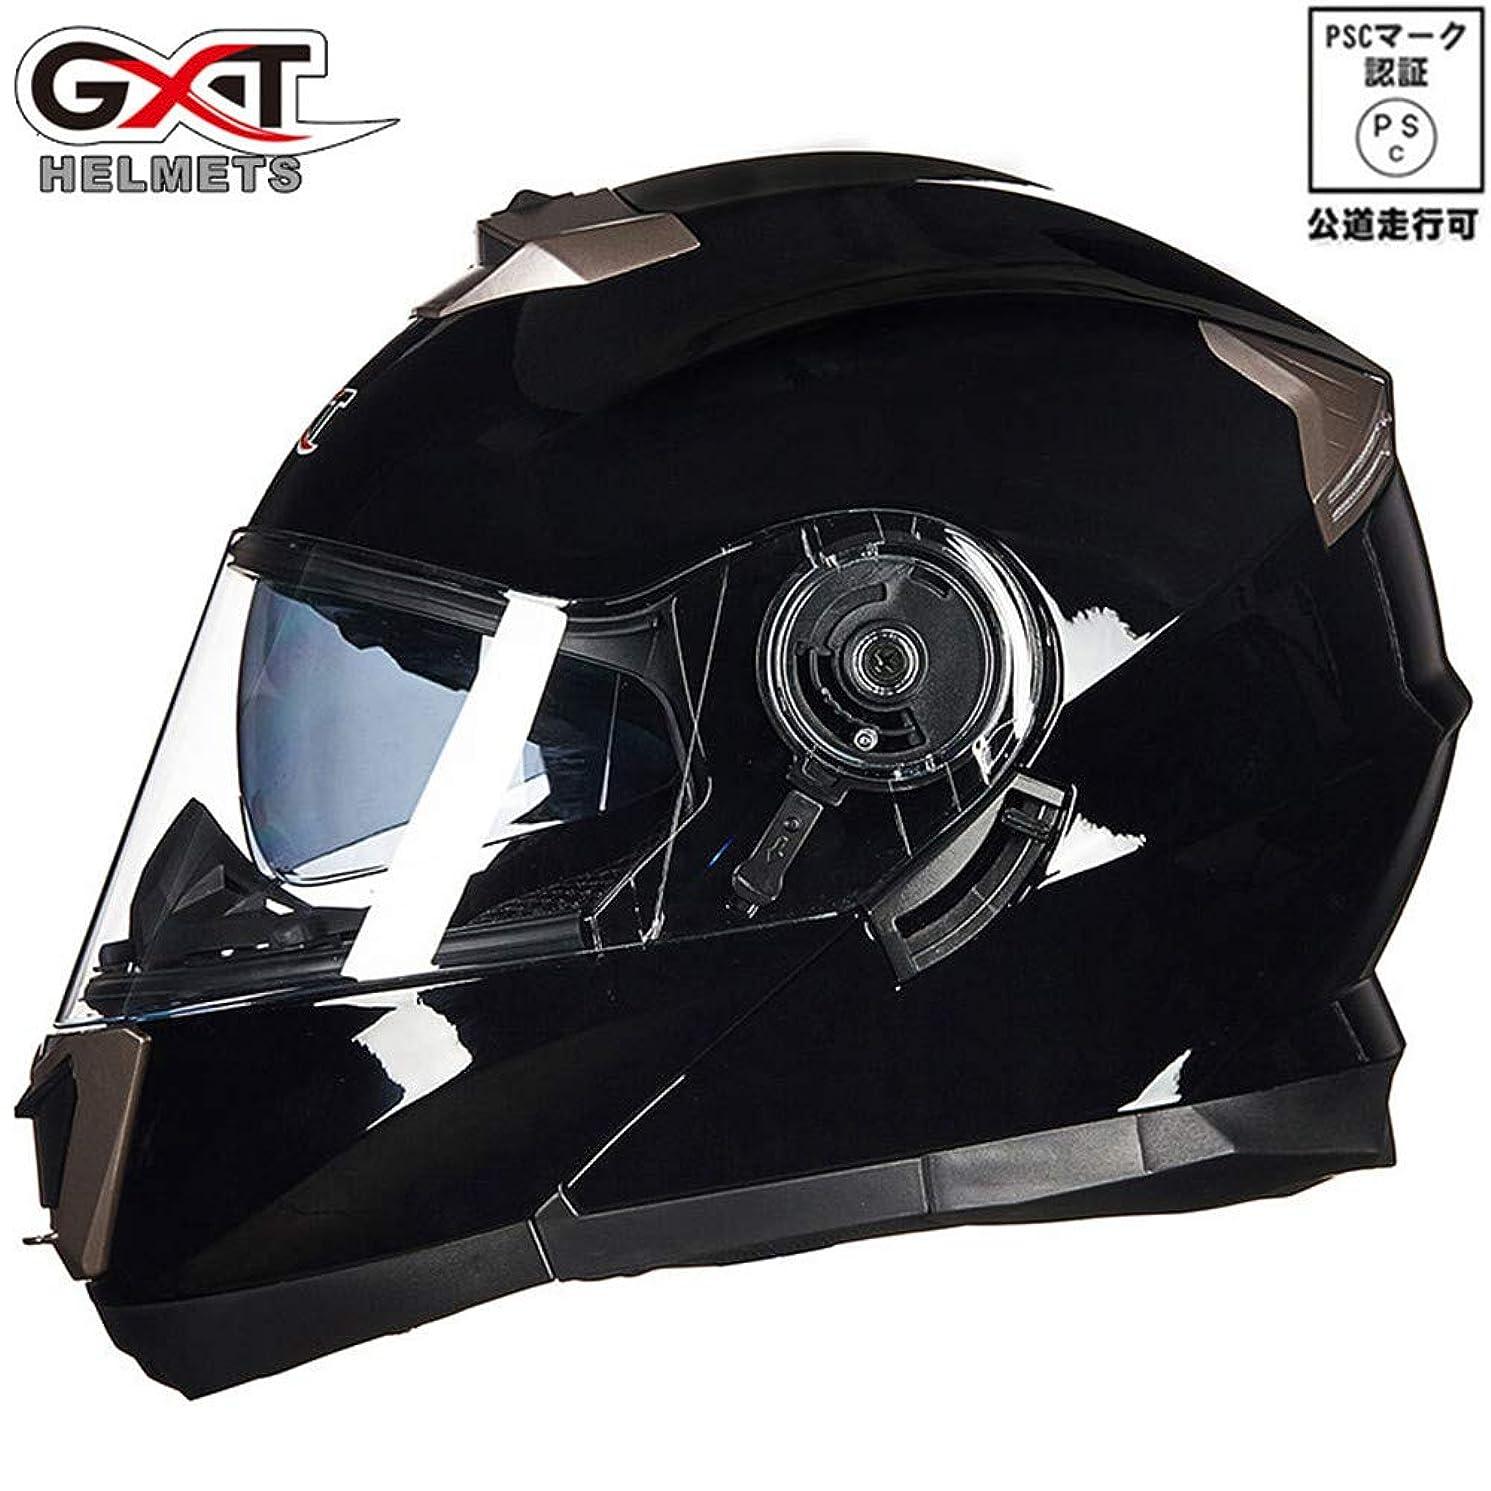 吸収するモンスター軍艦システムバイクヘルメット フリップアップヘルメット9色 【PSC規格認定】男女通用バイク ヘルメット フルフェイス ジェットヘルメット ダブルシールドヘルメット バイクおしゃれ GXT160 (艶有りブラック, M:55-57cm)